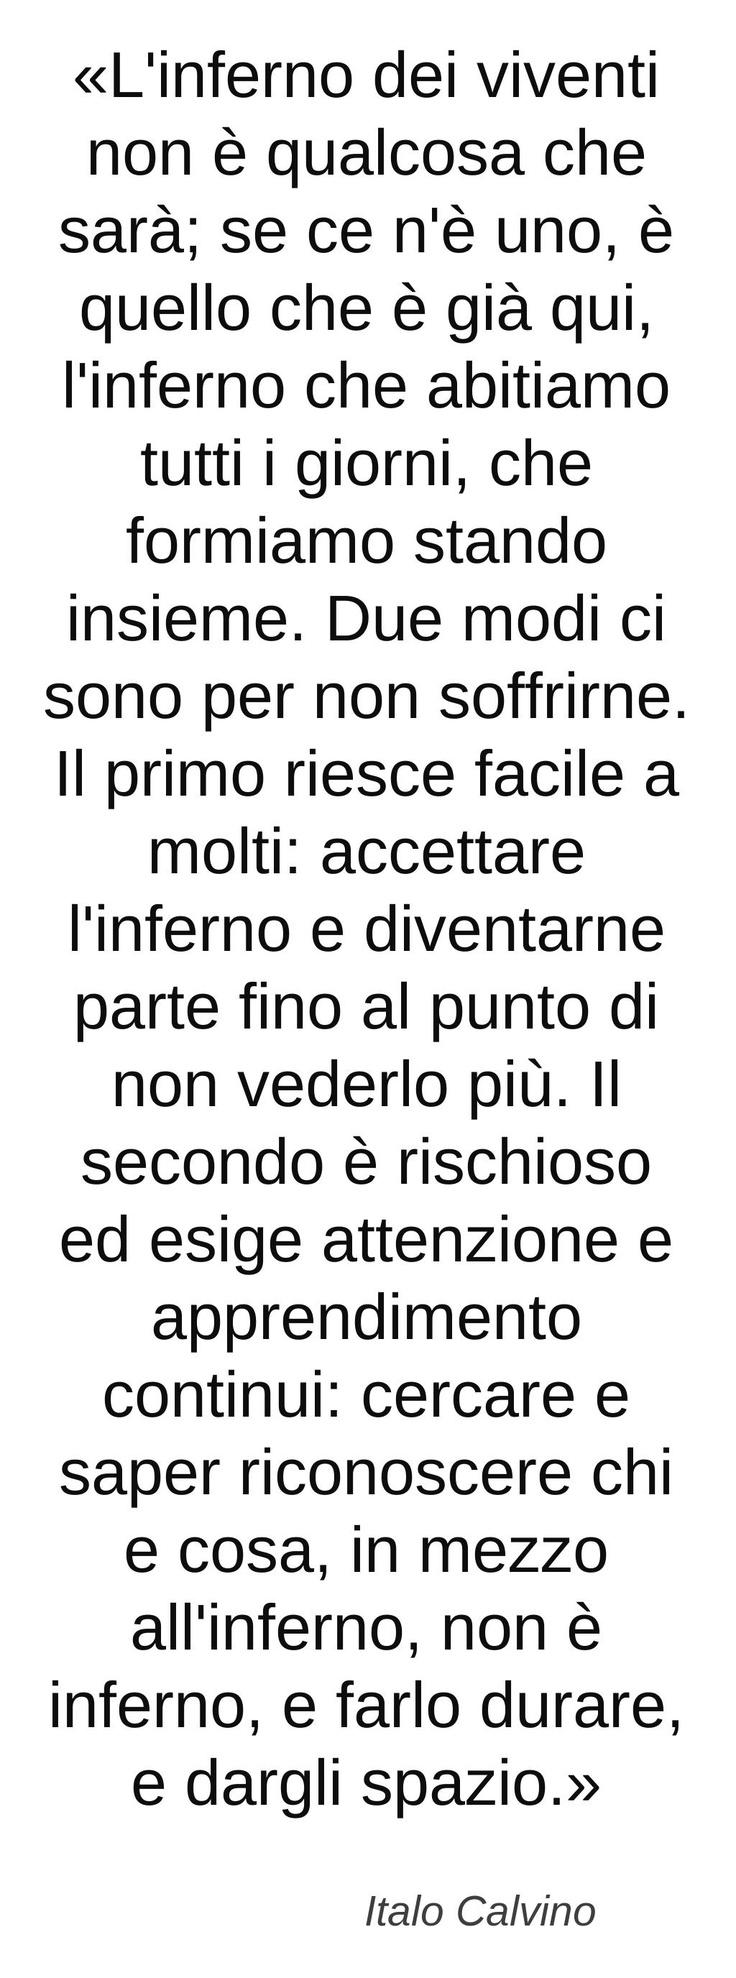 Italo Calvino/ Le città invisibili: one of the best books ever / riconoscere ciò che non è inferno, e dargli spazio / un libro imprescindibile